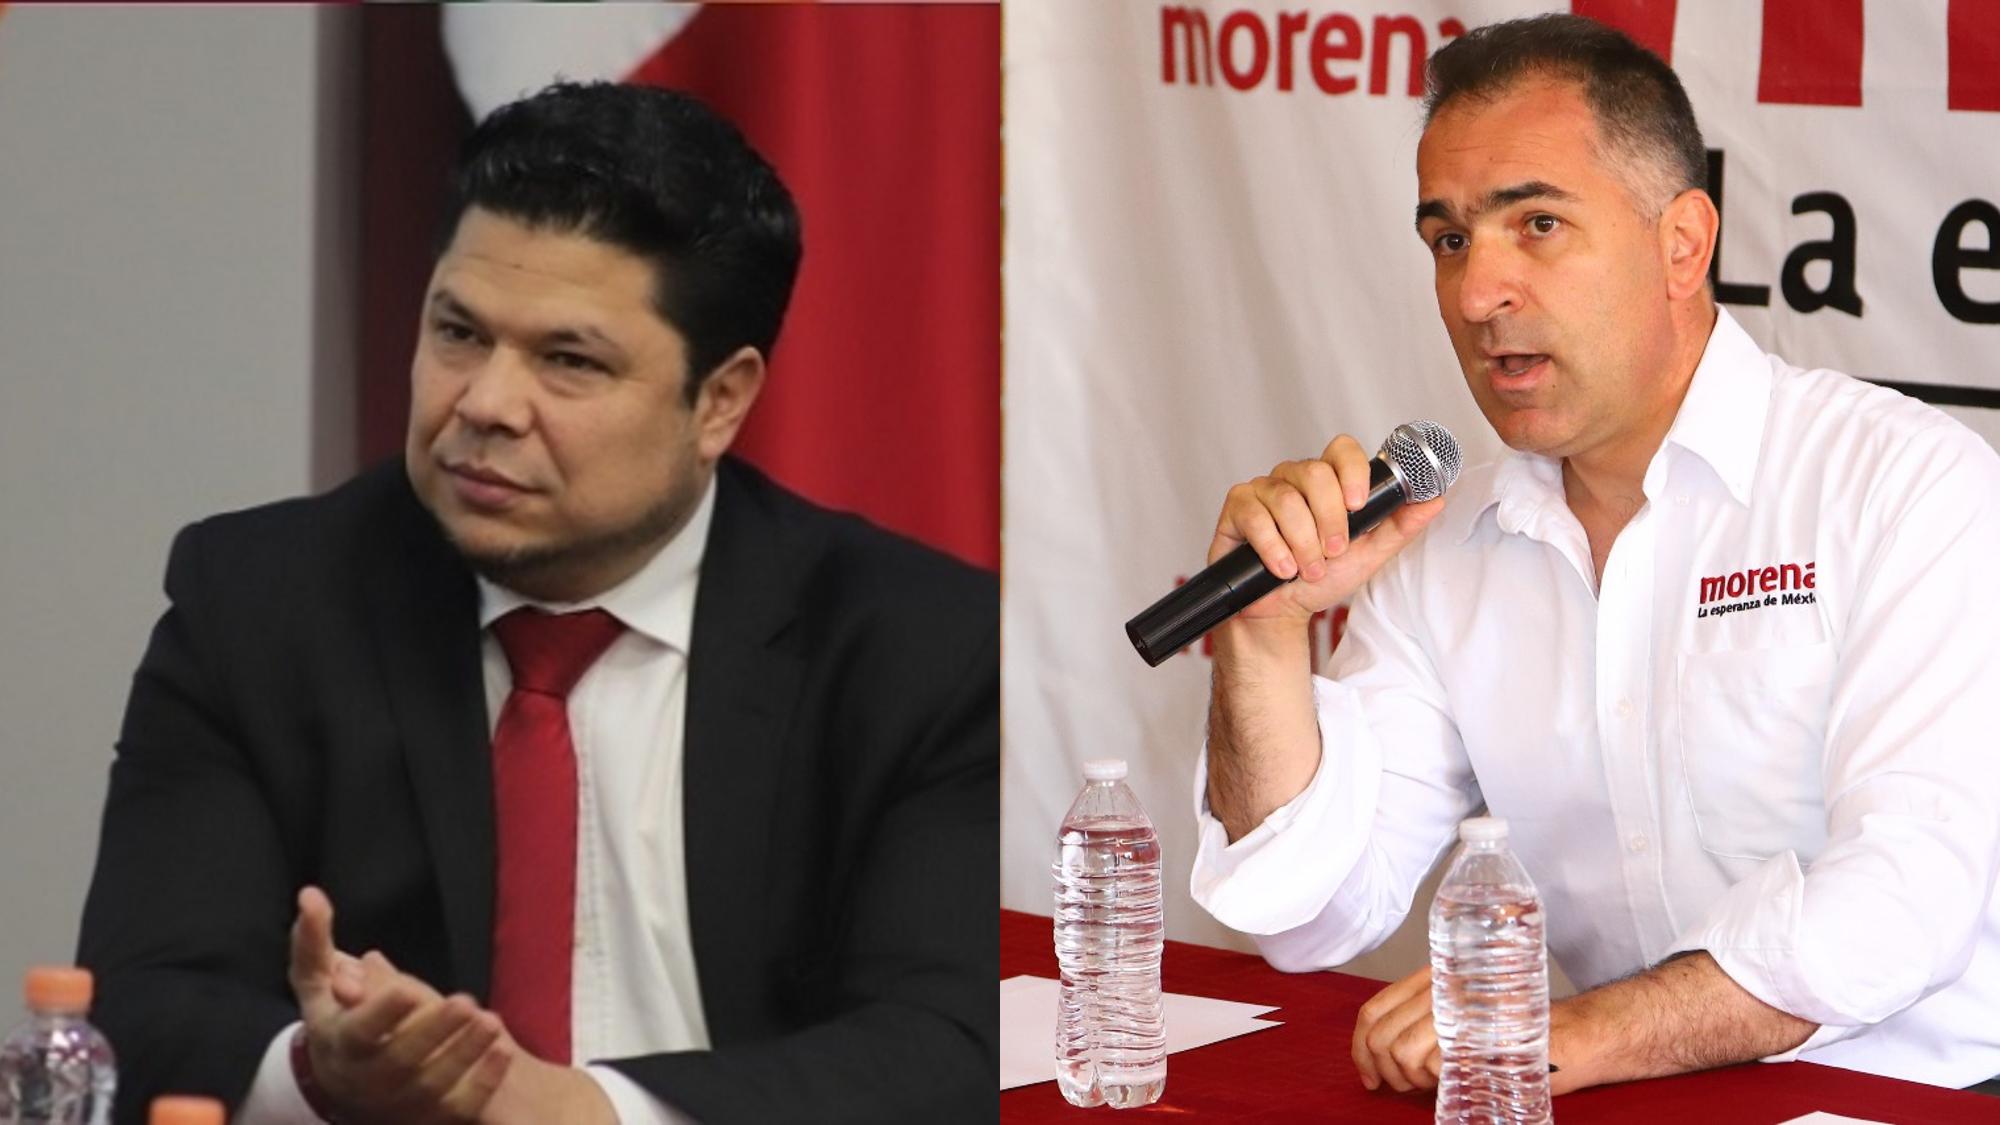 Consejeros de Morena irrumpen en las instalaciones de esta fuerza política